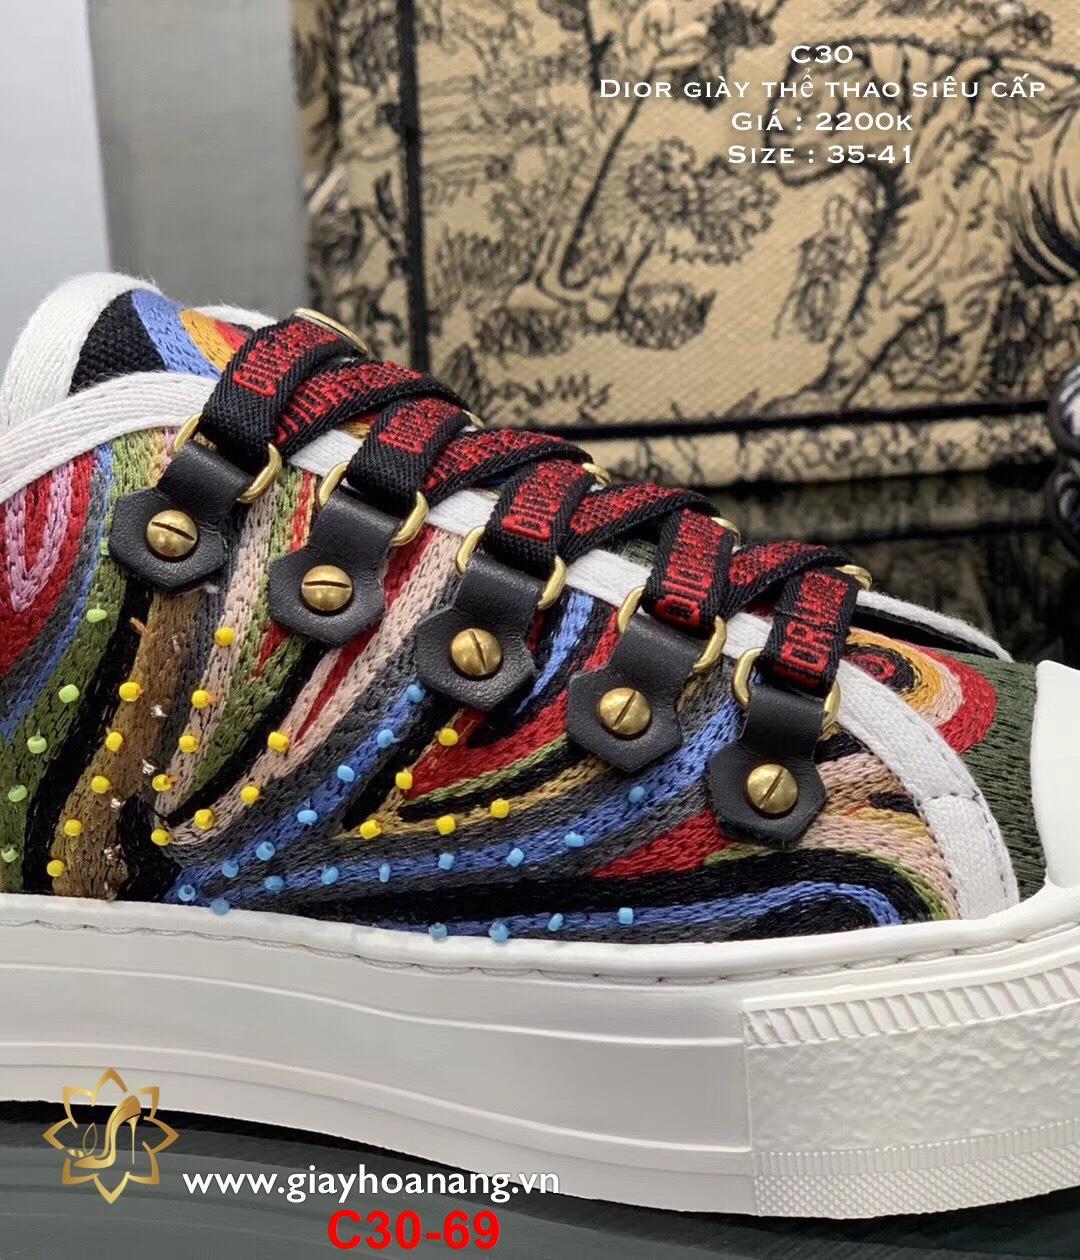 C30-69 Dior giày thể thao siêu cấp